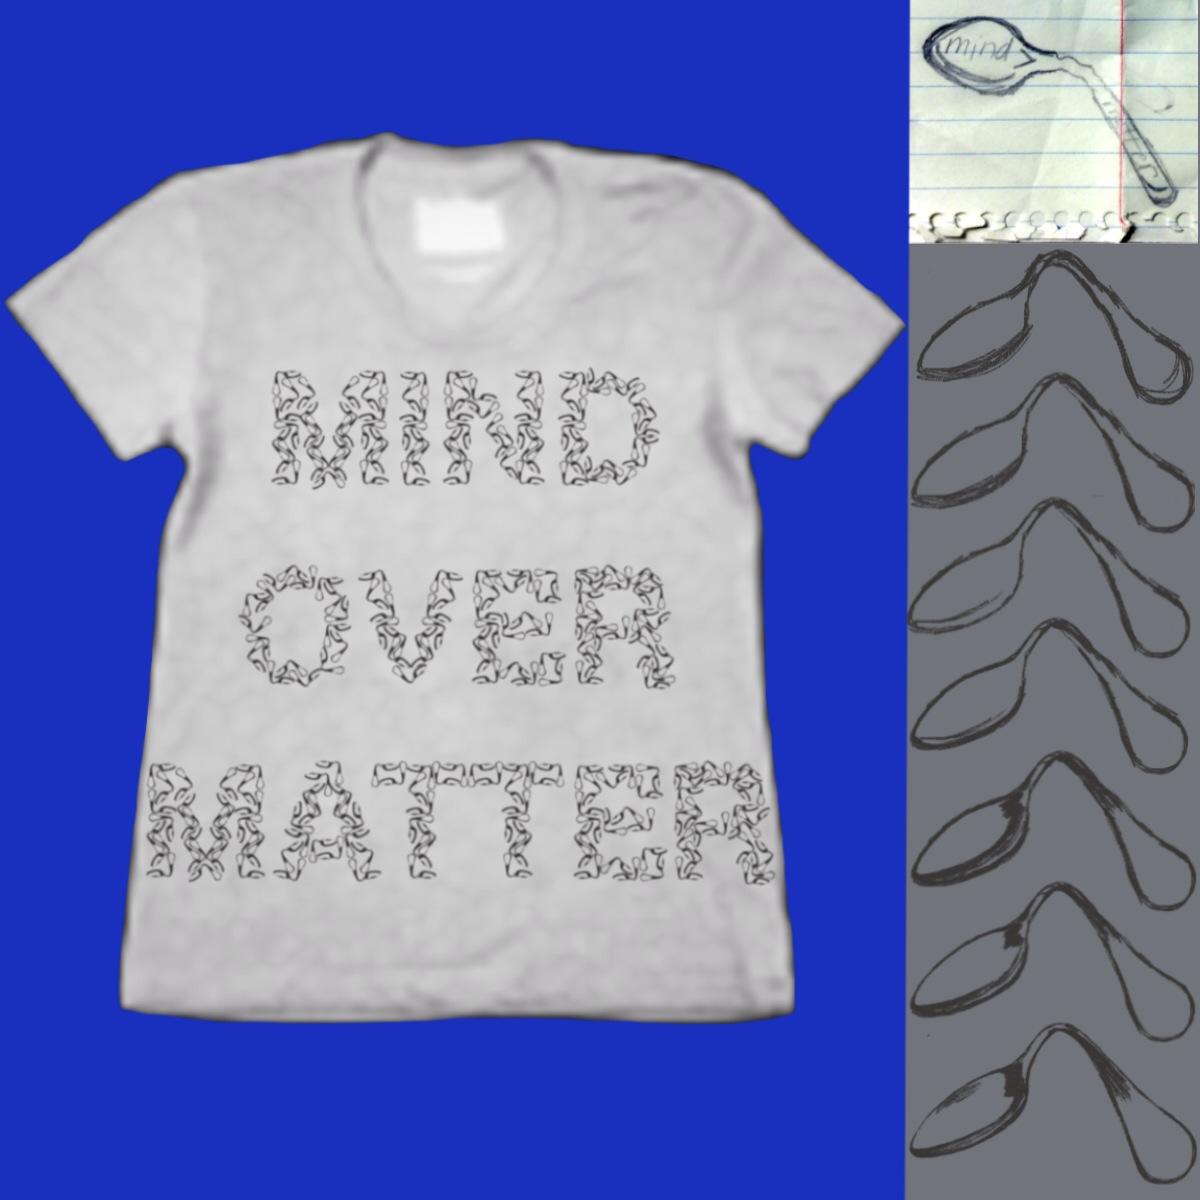 Mind Over Matter by deeceeaaa on Threadless